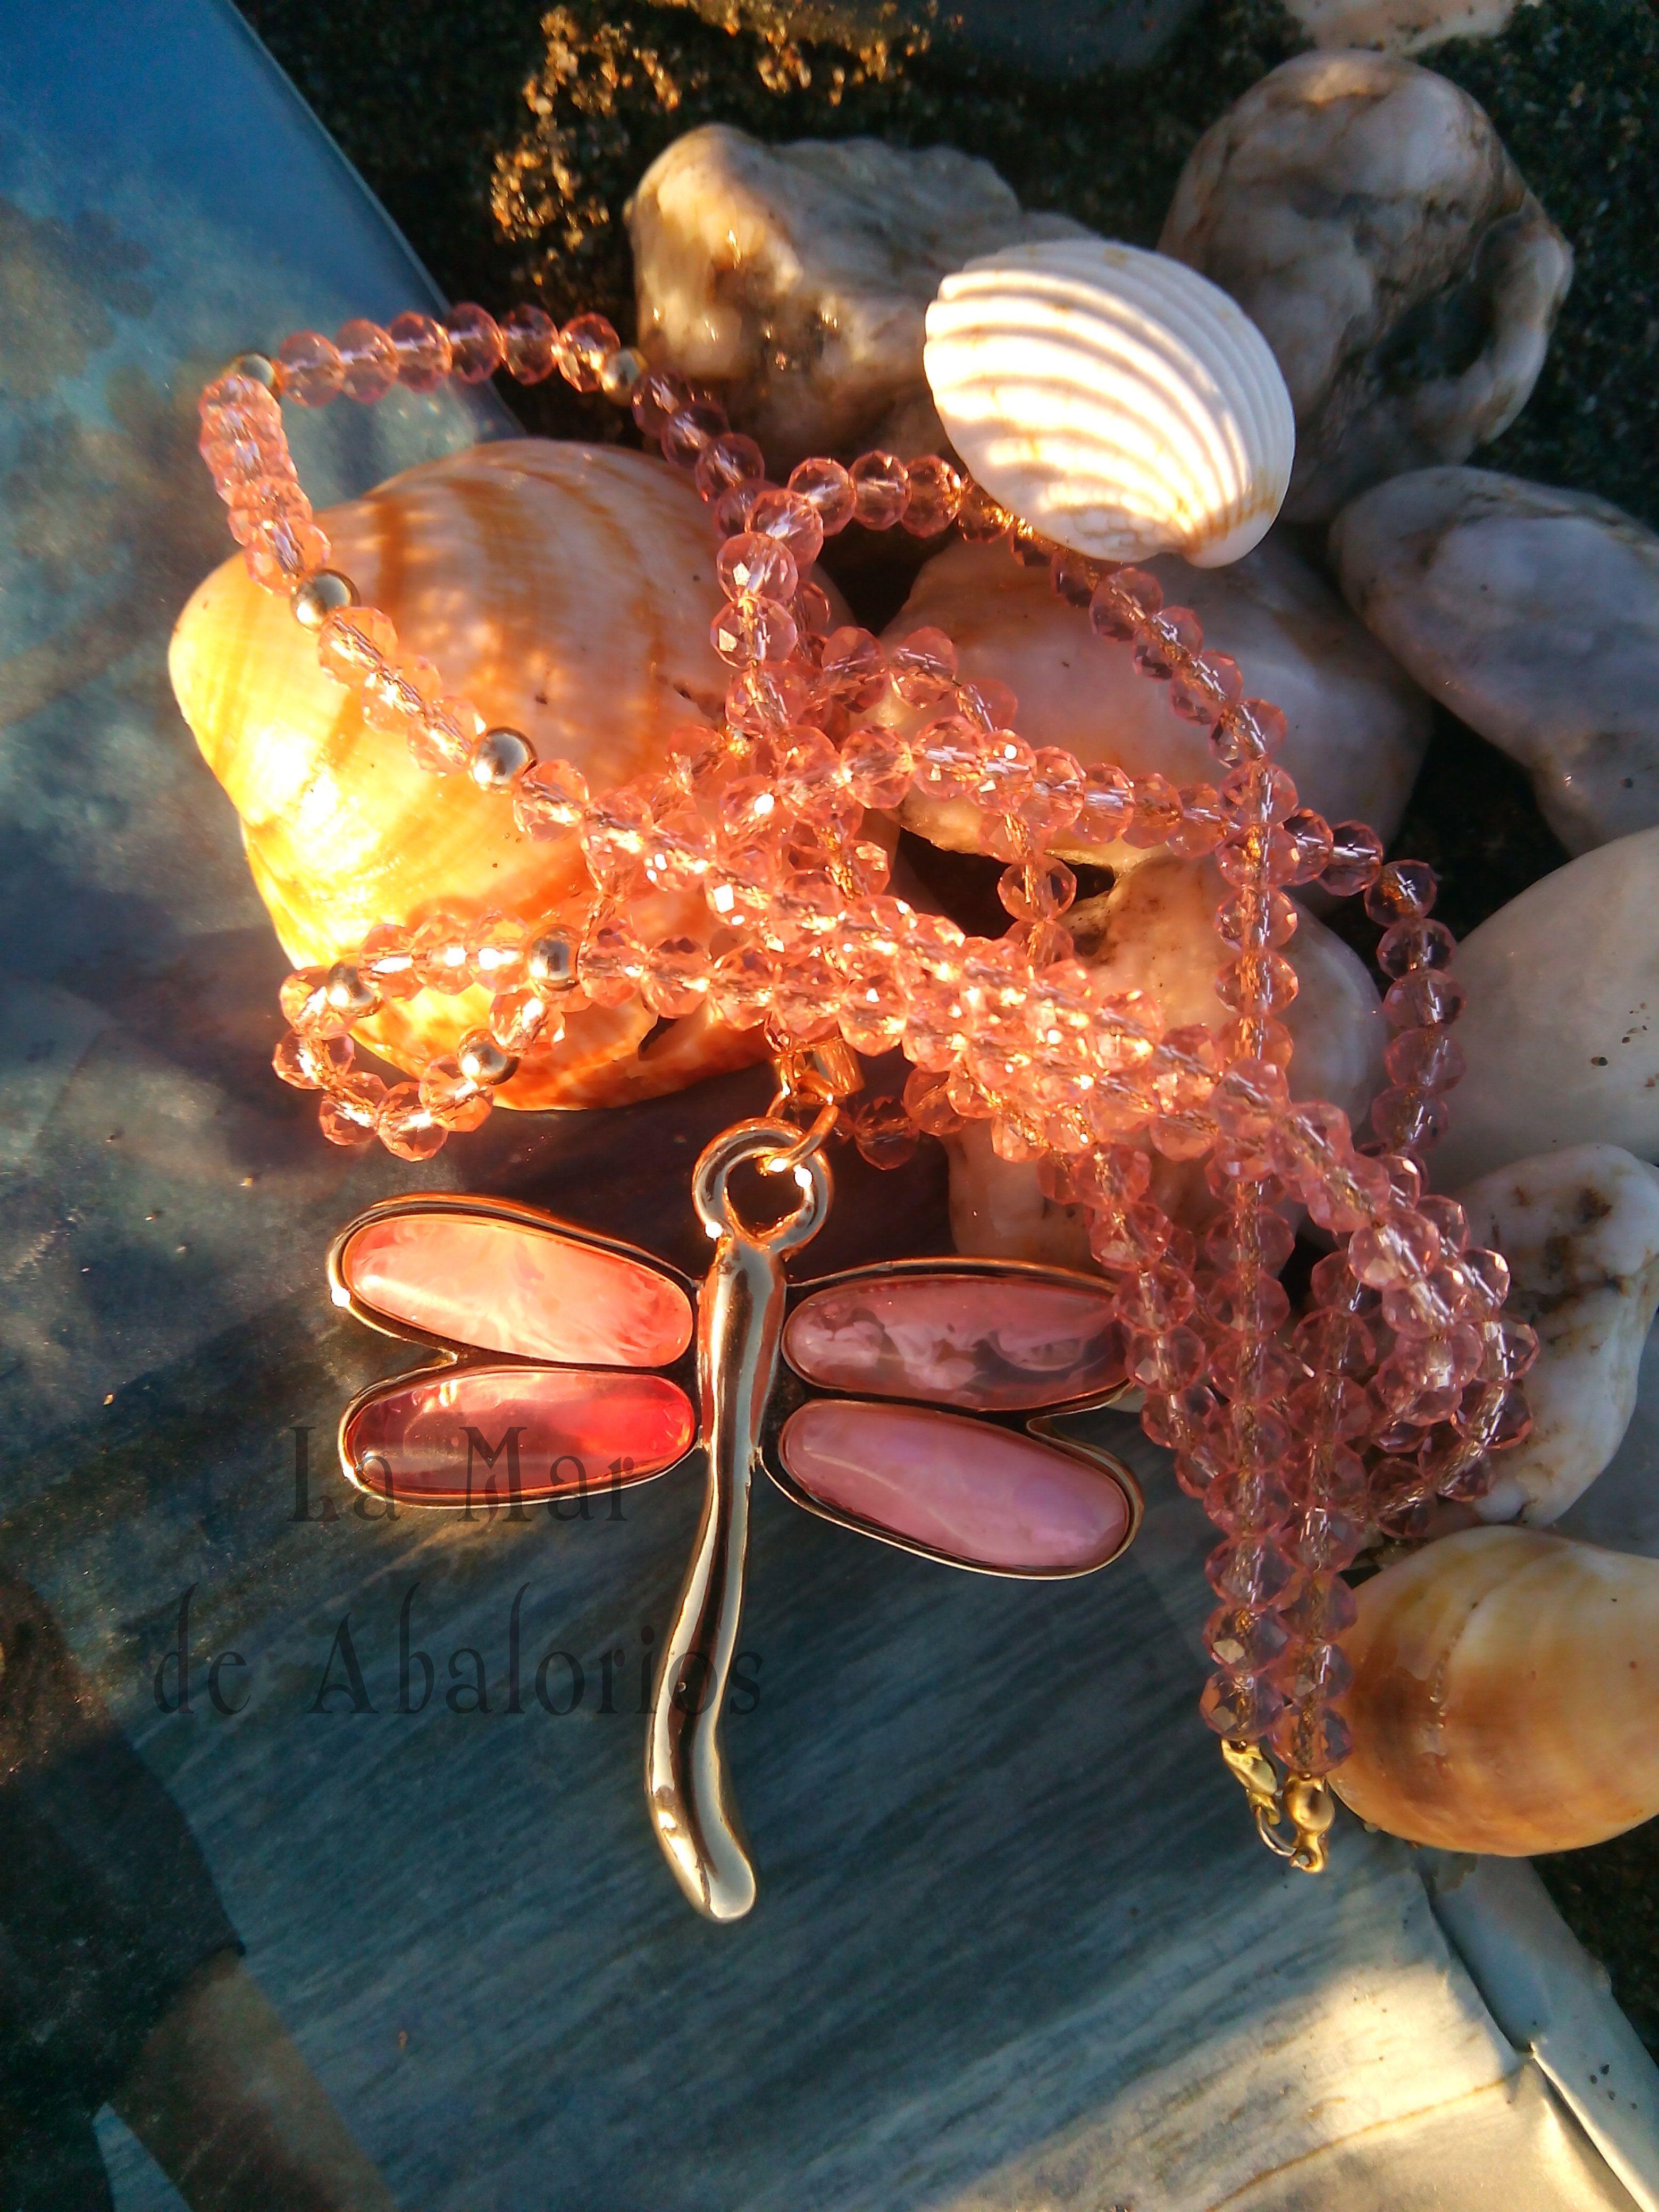 Os deseamos una bonita bonita semana, y lo hacemos con este collar realizado con una libélula dorada y rosa, montada sobre los hilos de cristal en el mismo color y con toque de bolas doradas. Dorado como nuestros atardeceres. Todo en lamardeabalorios.com